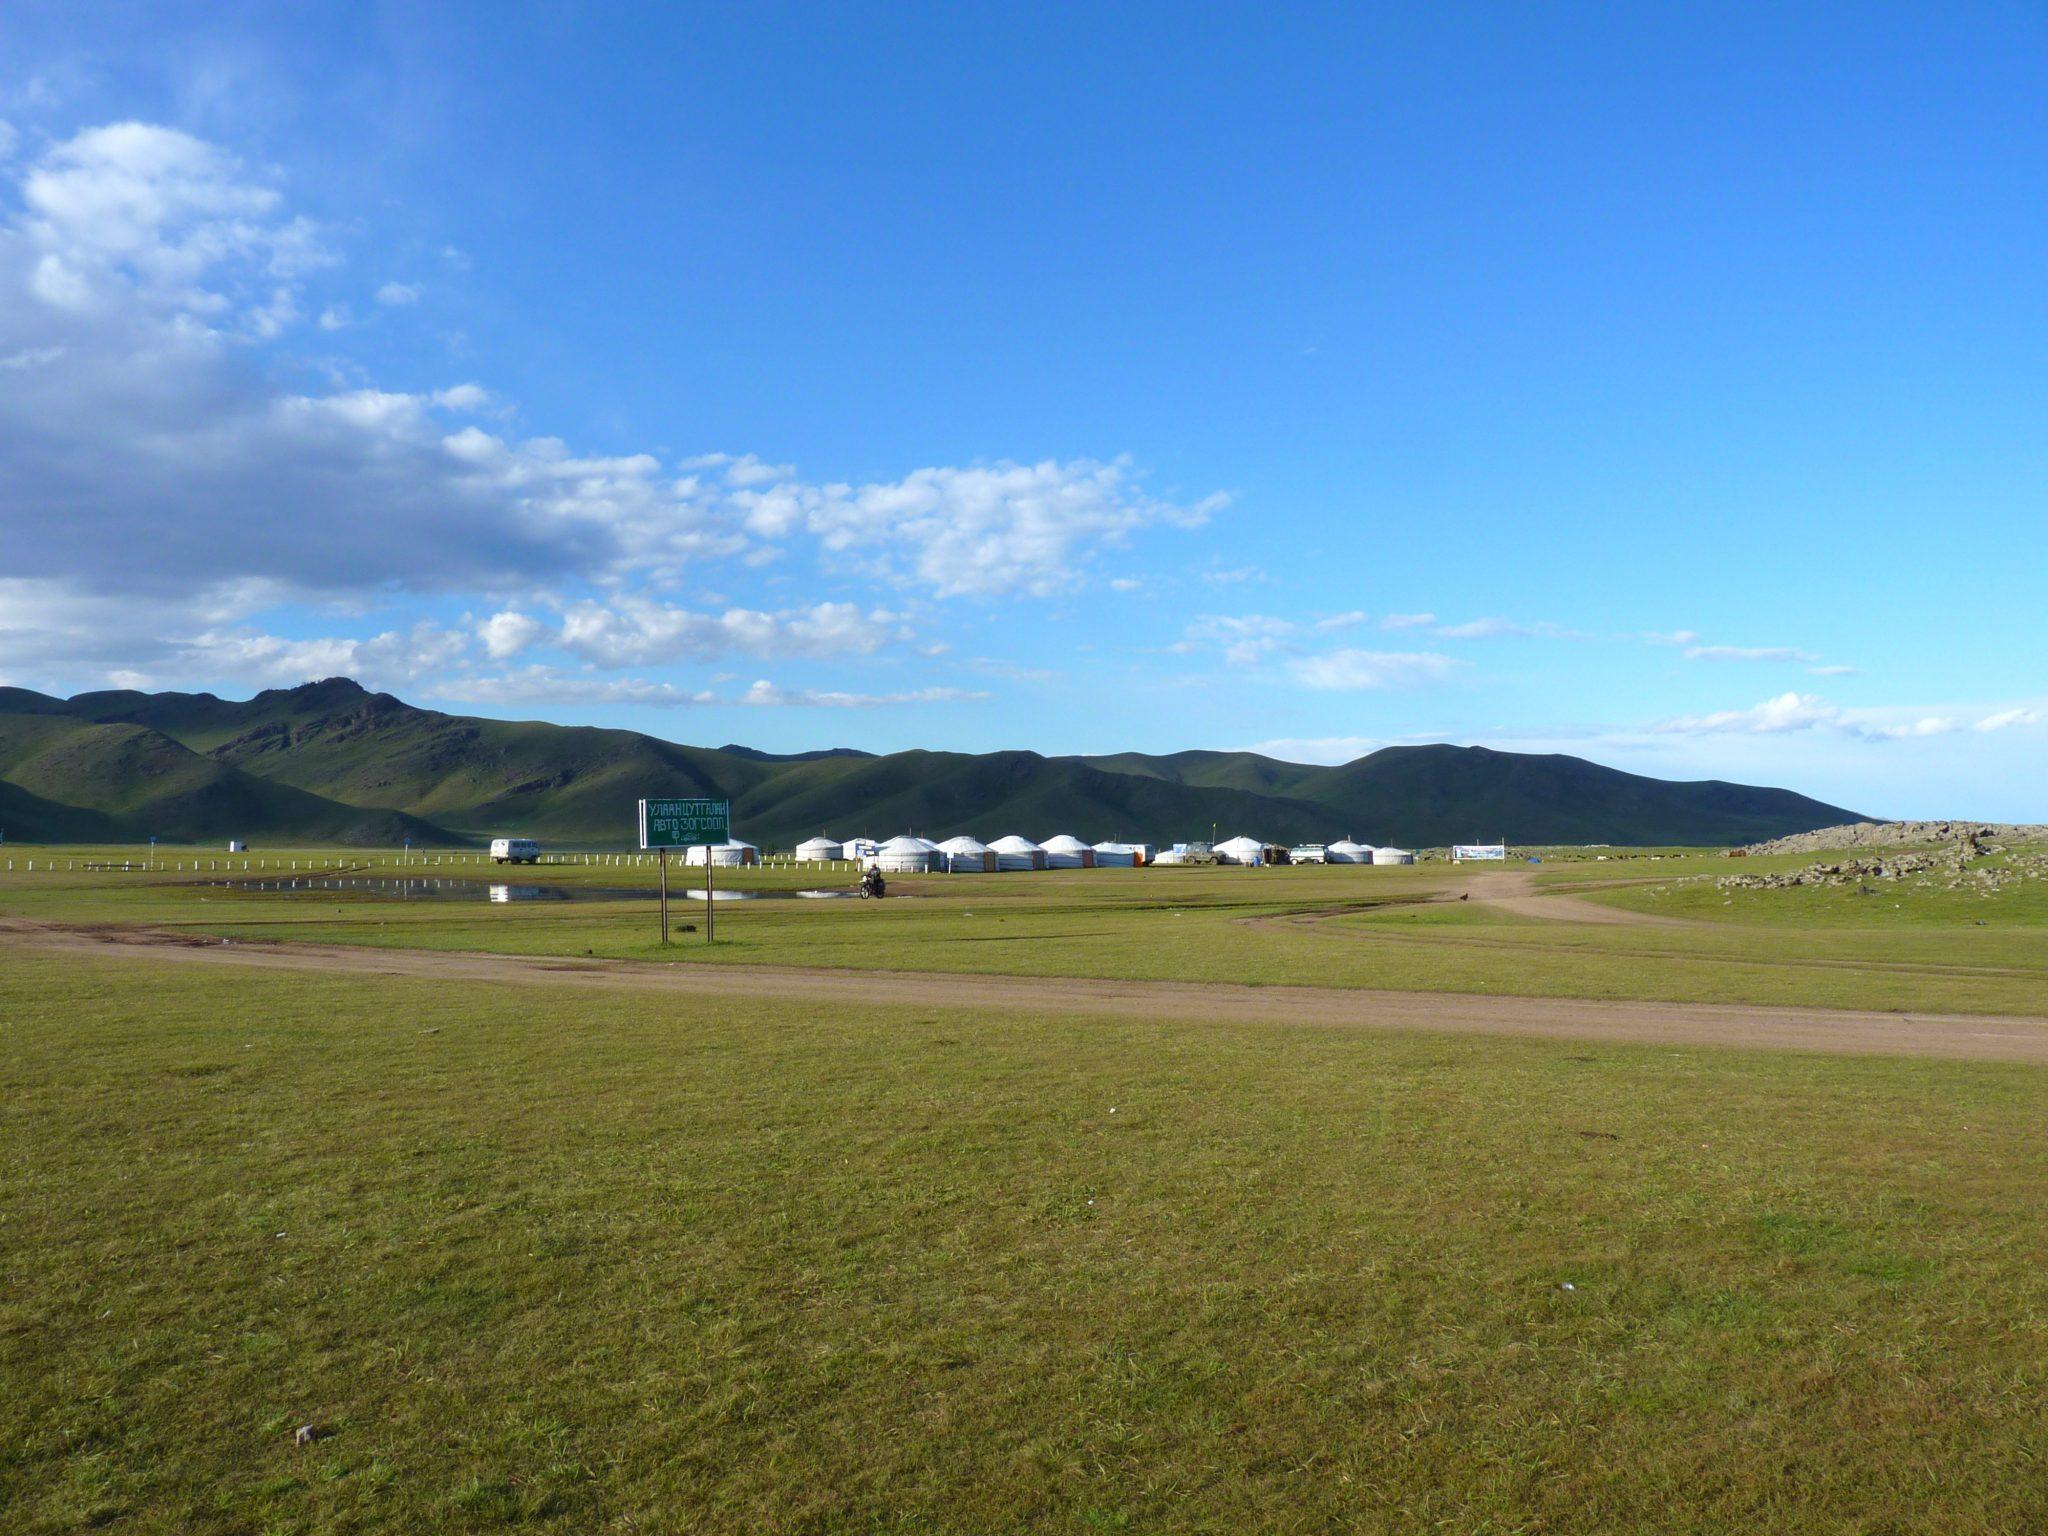 Acampamento nómada 01 Mongólia Mundo Indefinido